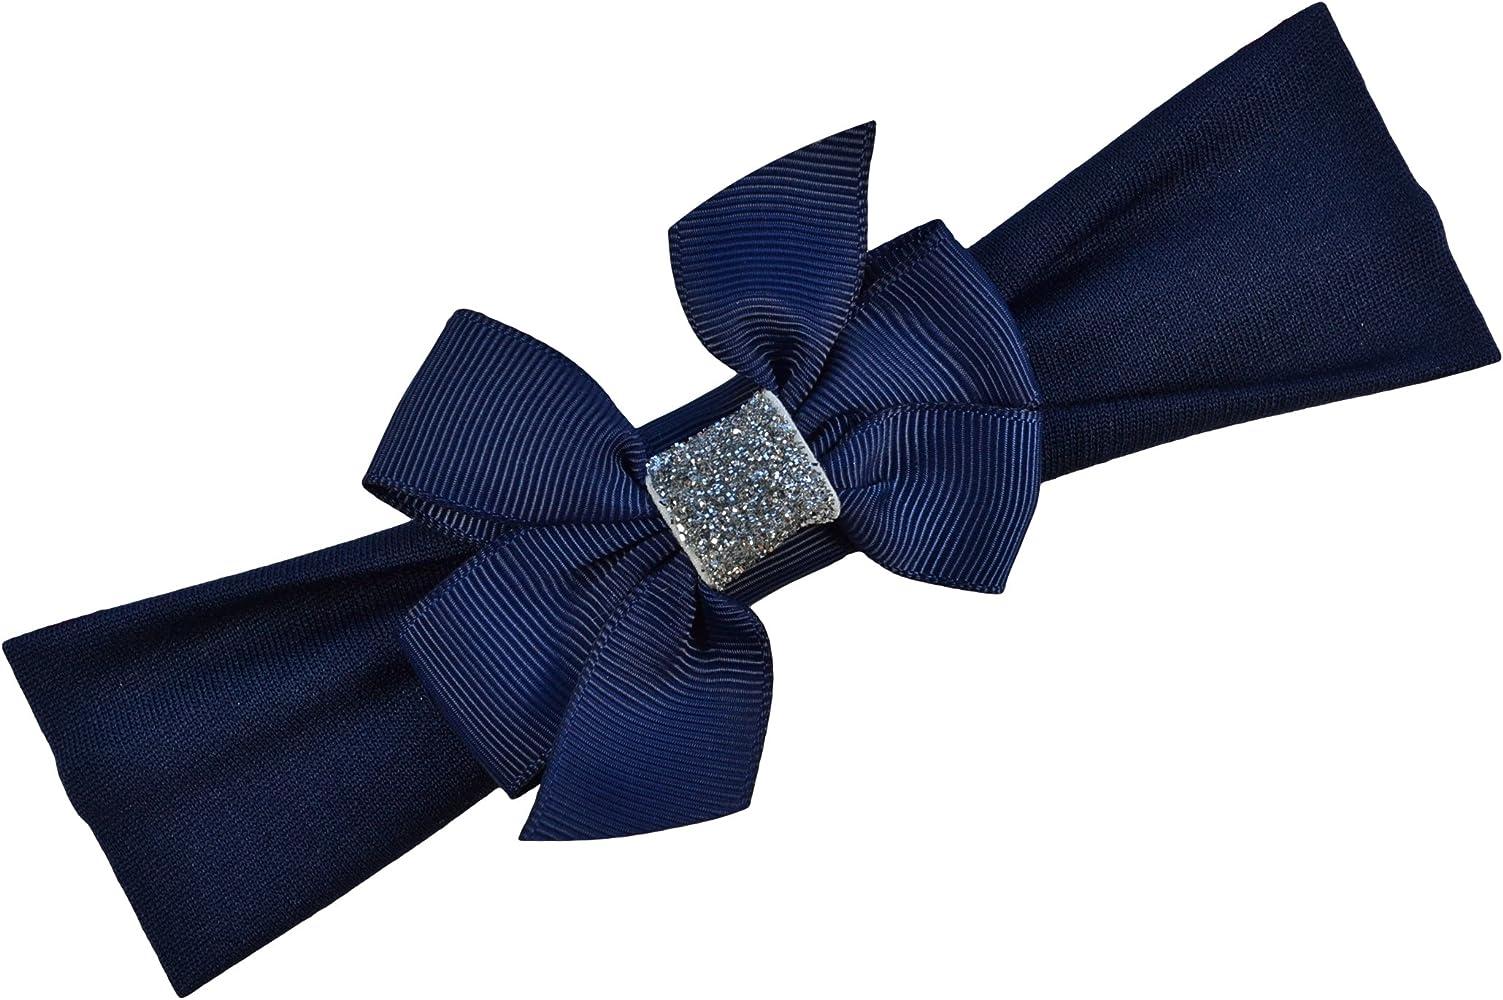 Navy Blue Glitter Bow Headband Small Navy Blue Gitter Bow Headband Newborn Navy Blue Glitter Bow Headband